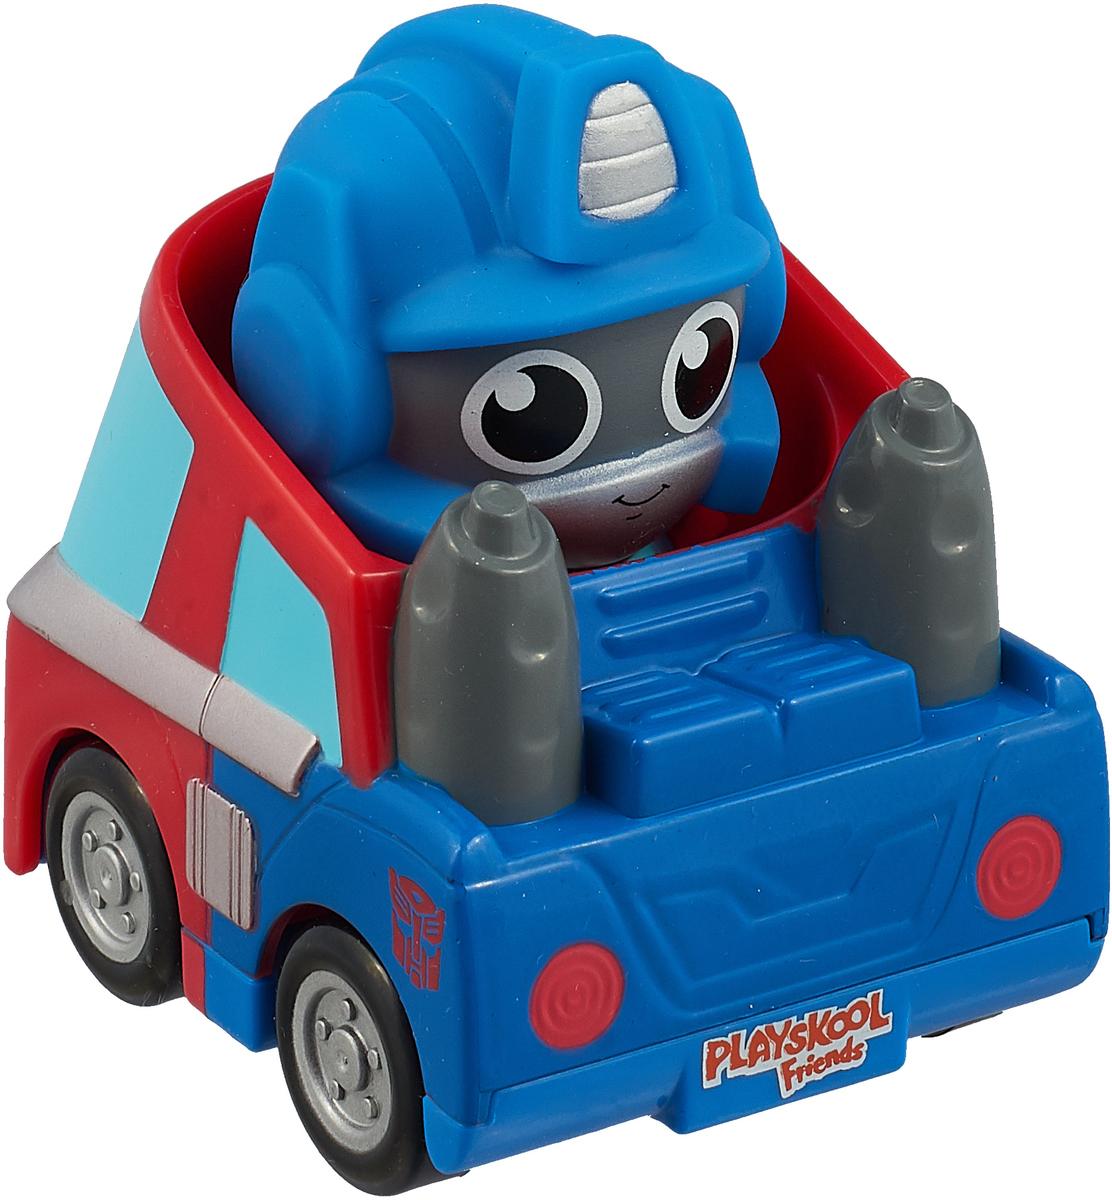 Transformers Набор трансформеров Робот и машинка С0793_С2065 hasbro transformers c0888 электронная маска трансформеров